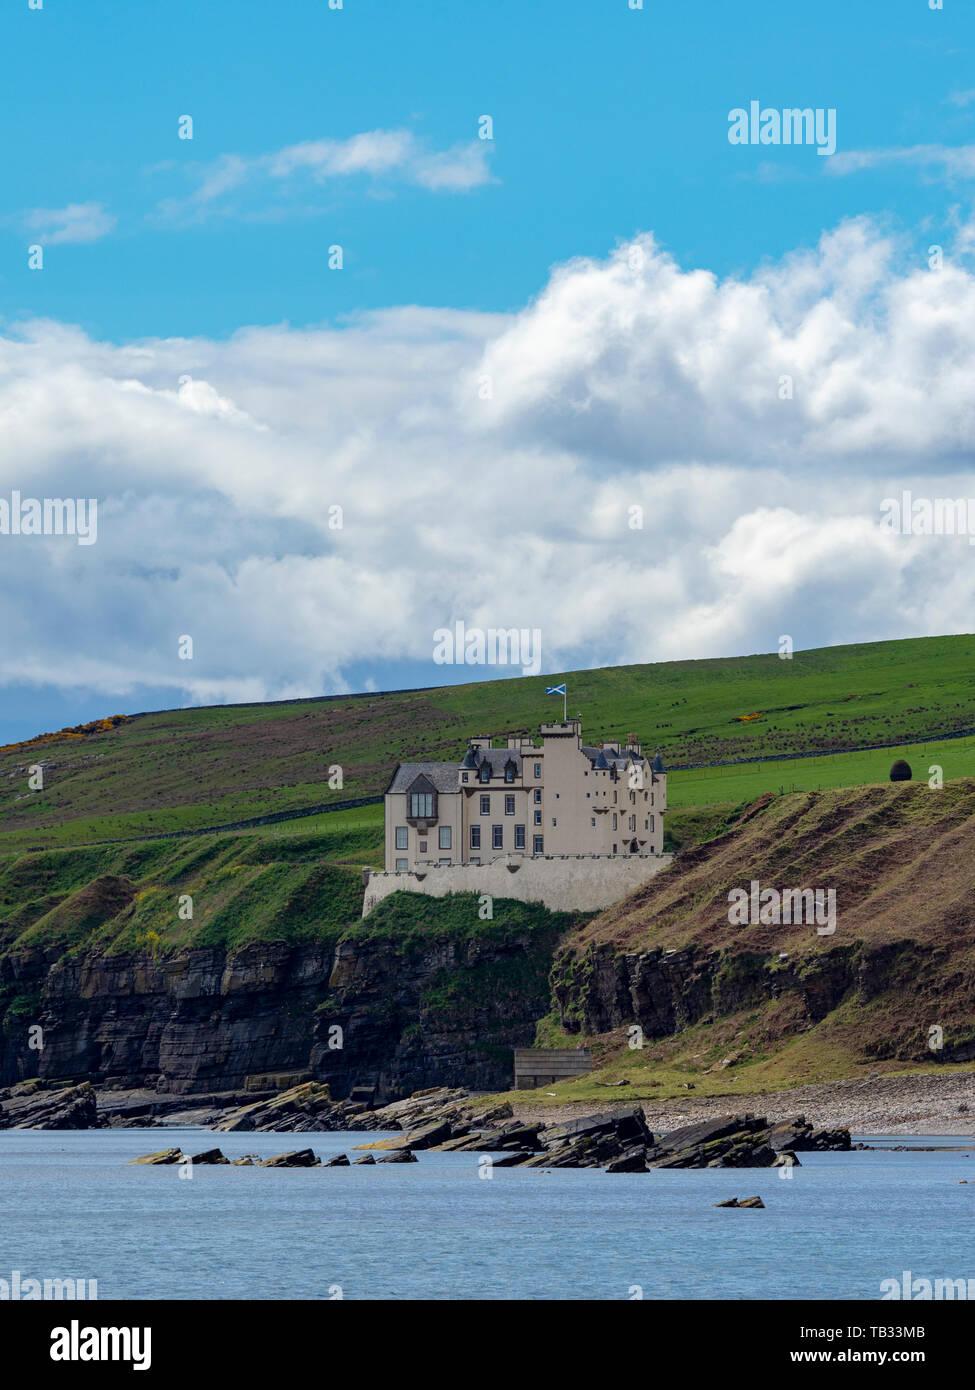 Dunbeath Castle, Caithness, Scotland. Stock Photo